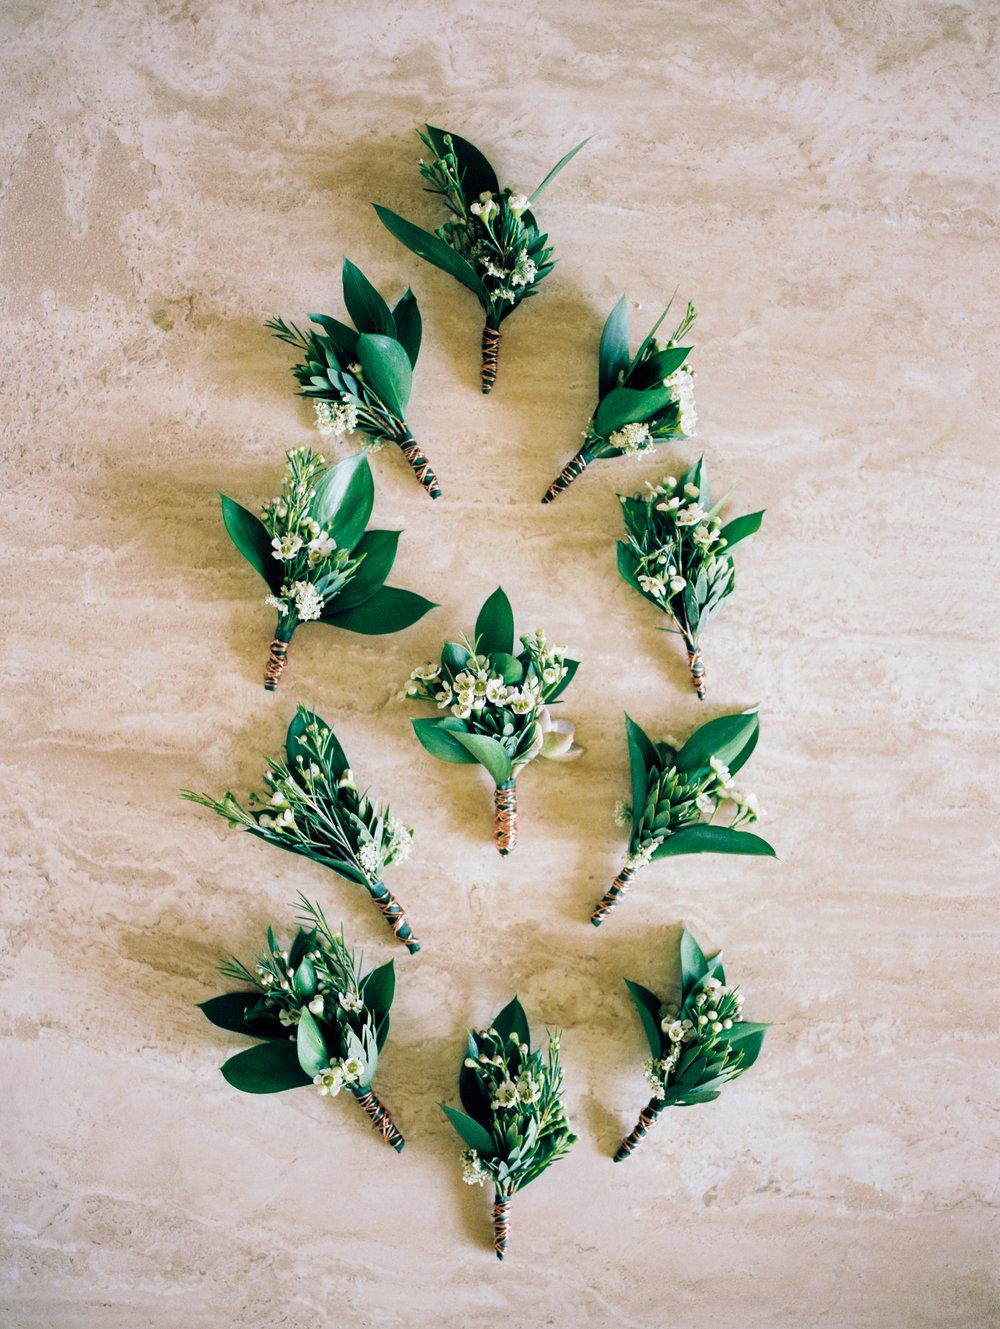 dennisroycoronel_ashleyanthony_vanessahudgens_austinbutler_wedding_losangeles_photographer-69.jpg